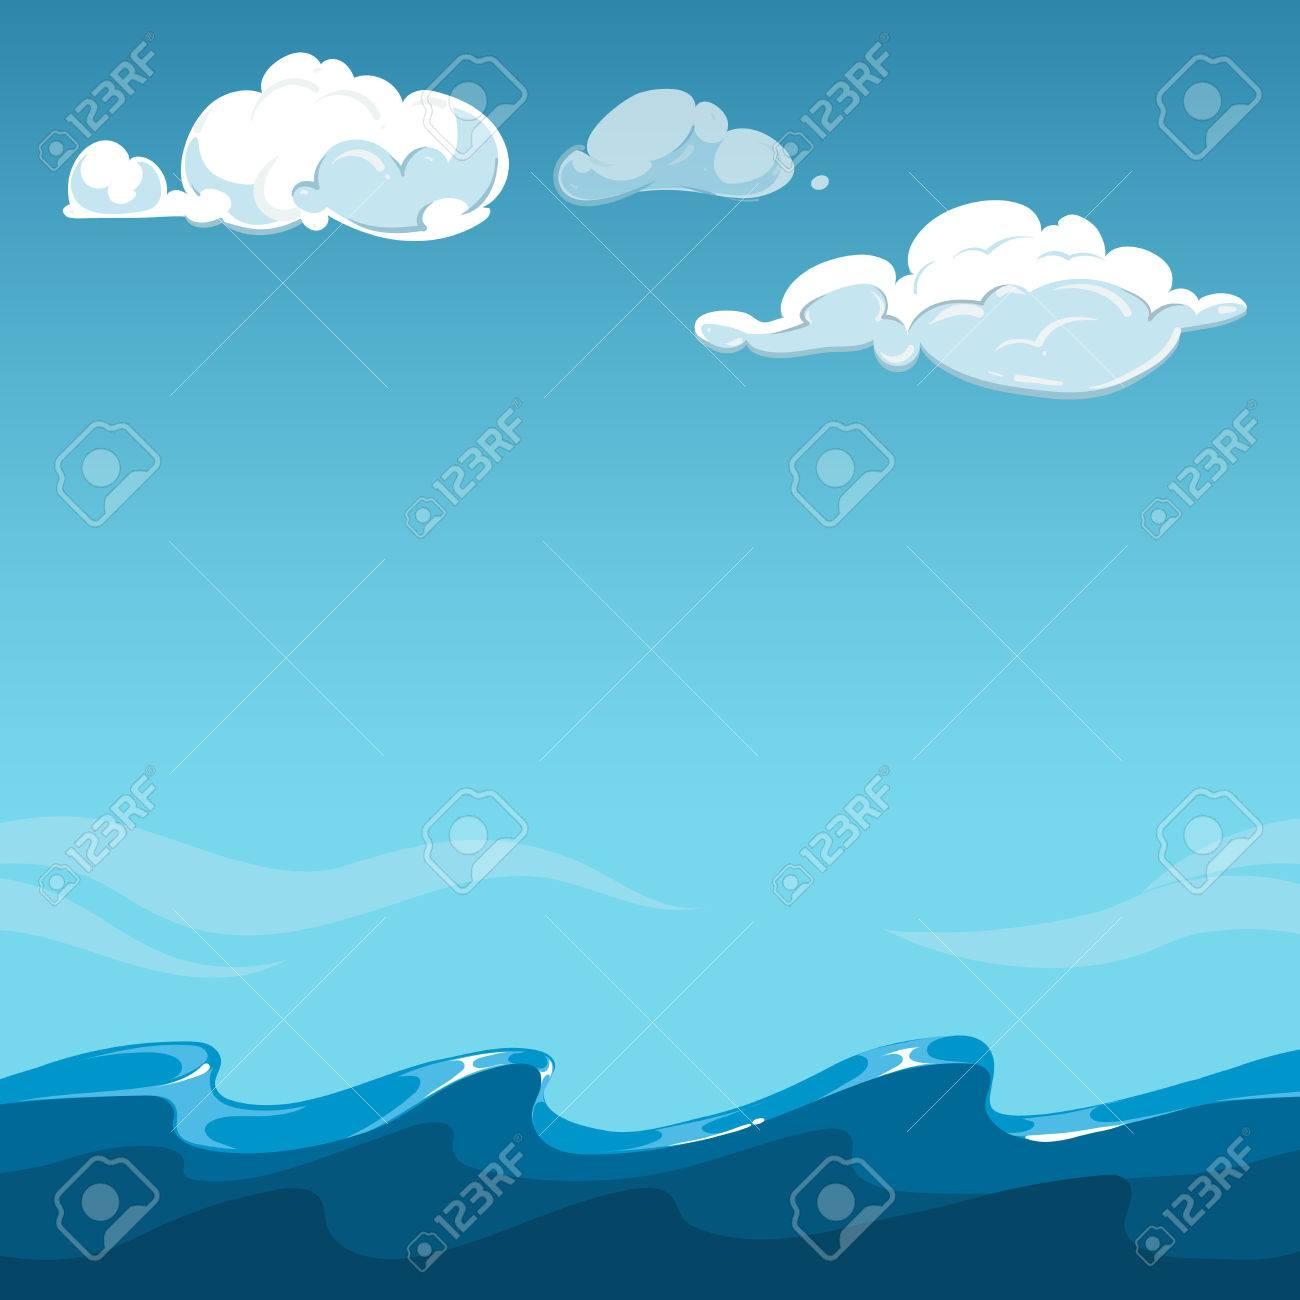 海背景に青い空。屋外の海と雲、ベクトル イラスト ロイヤリティフリー